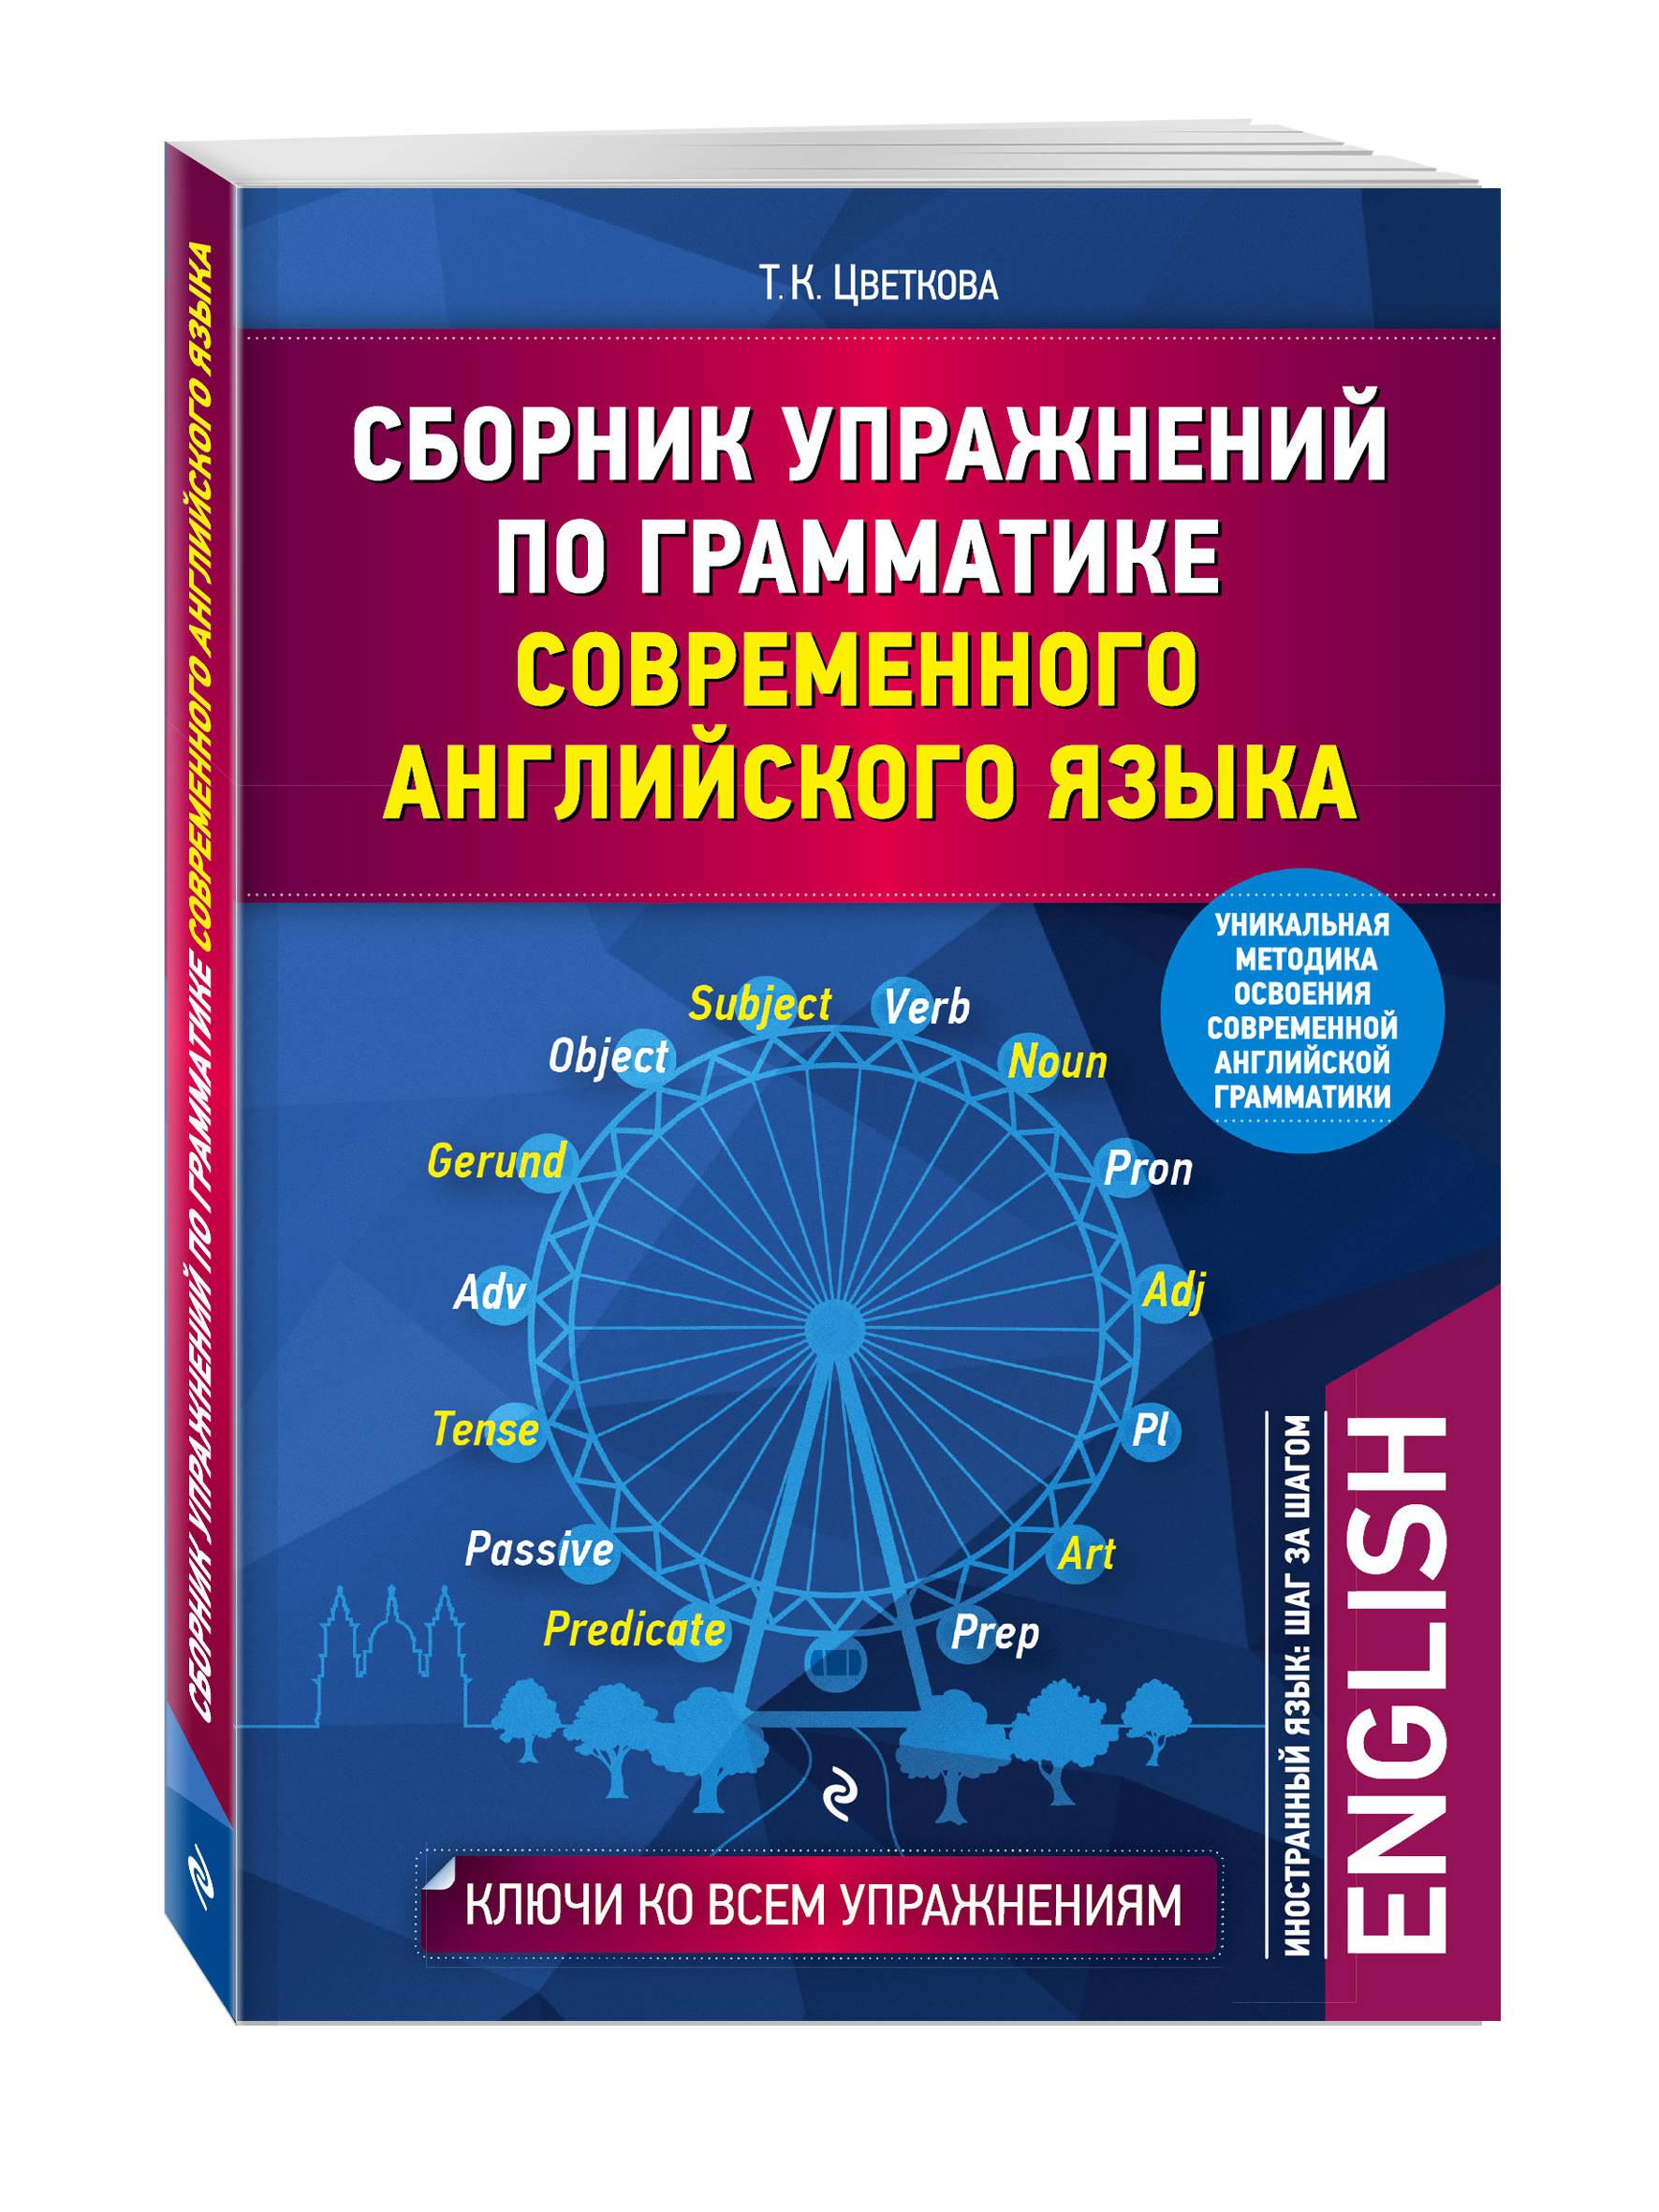 Сборник упражнений по грамматике современного английского языка